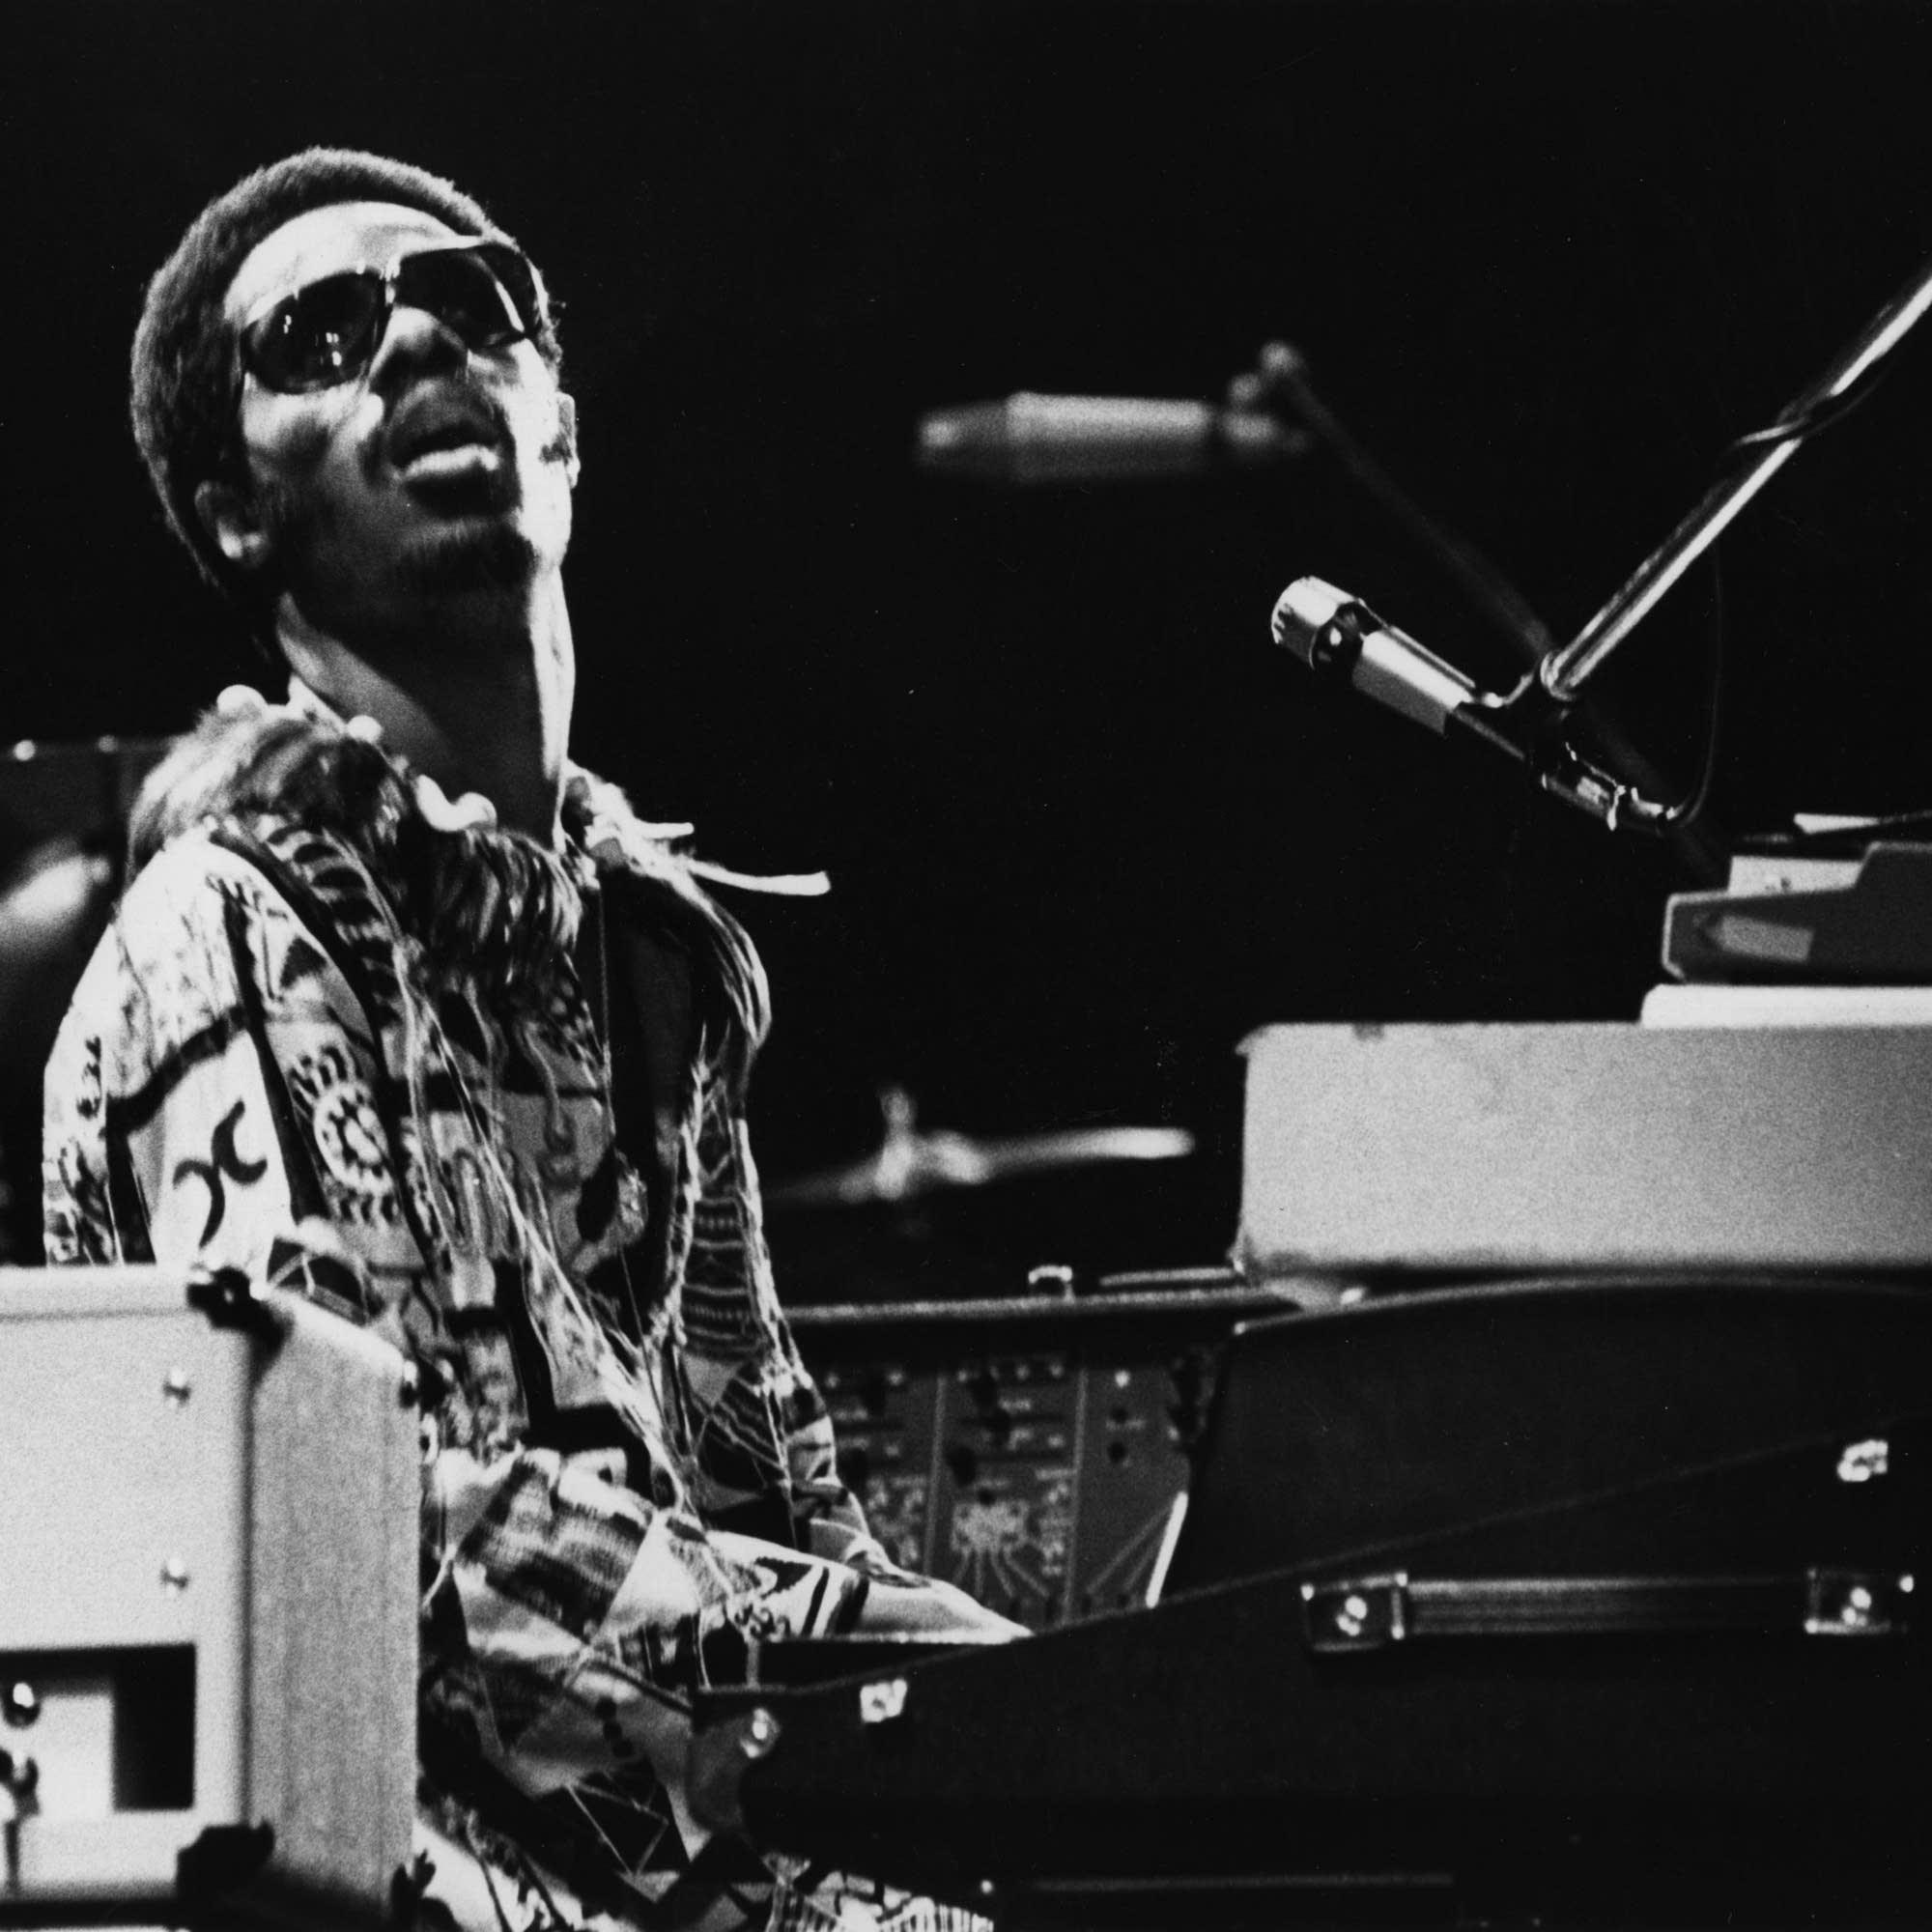 Stevie Wonder in 1975